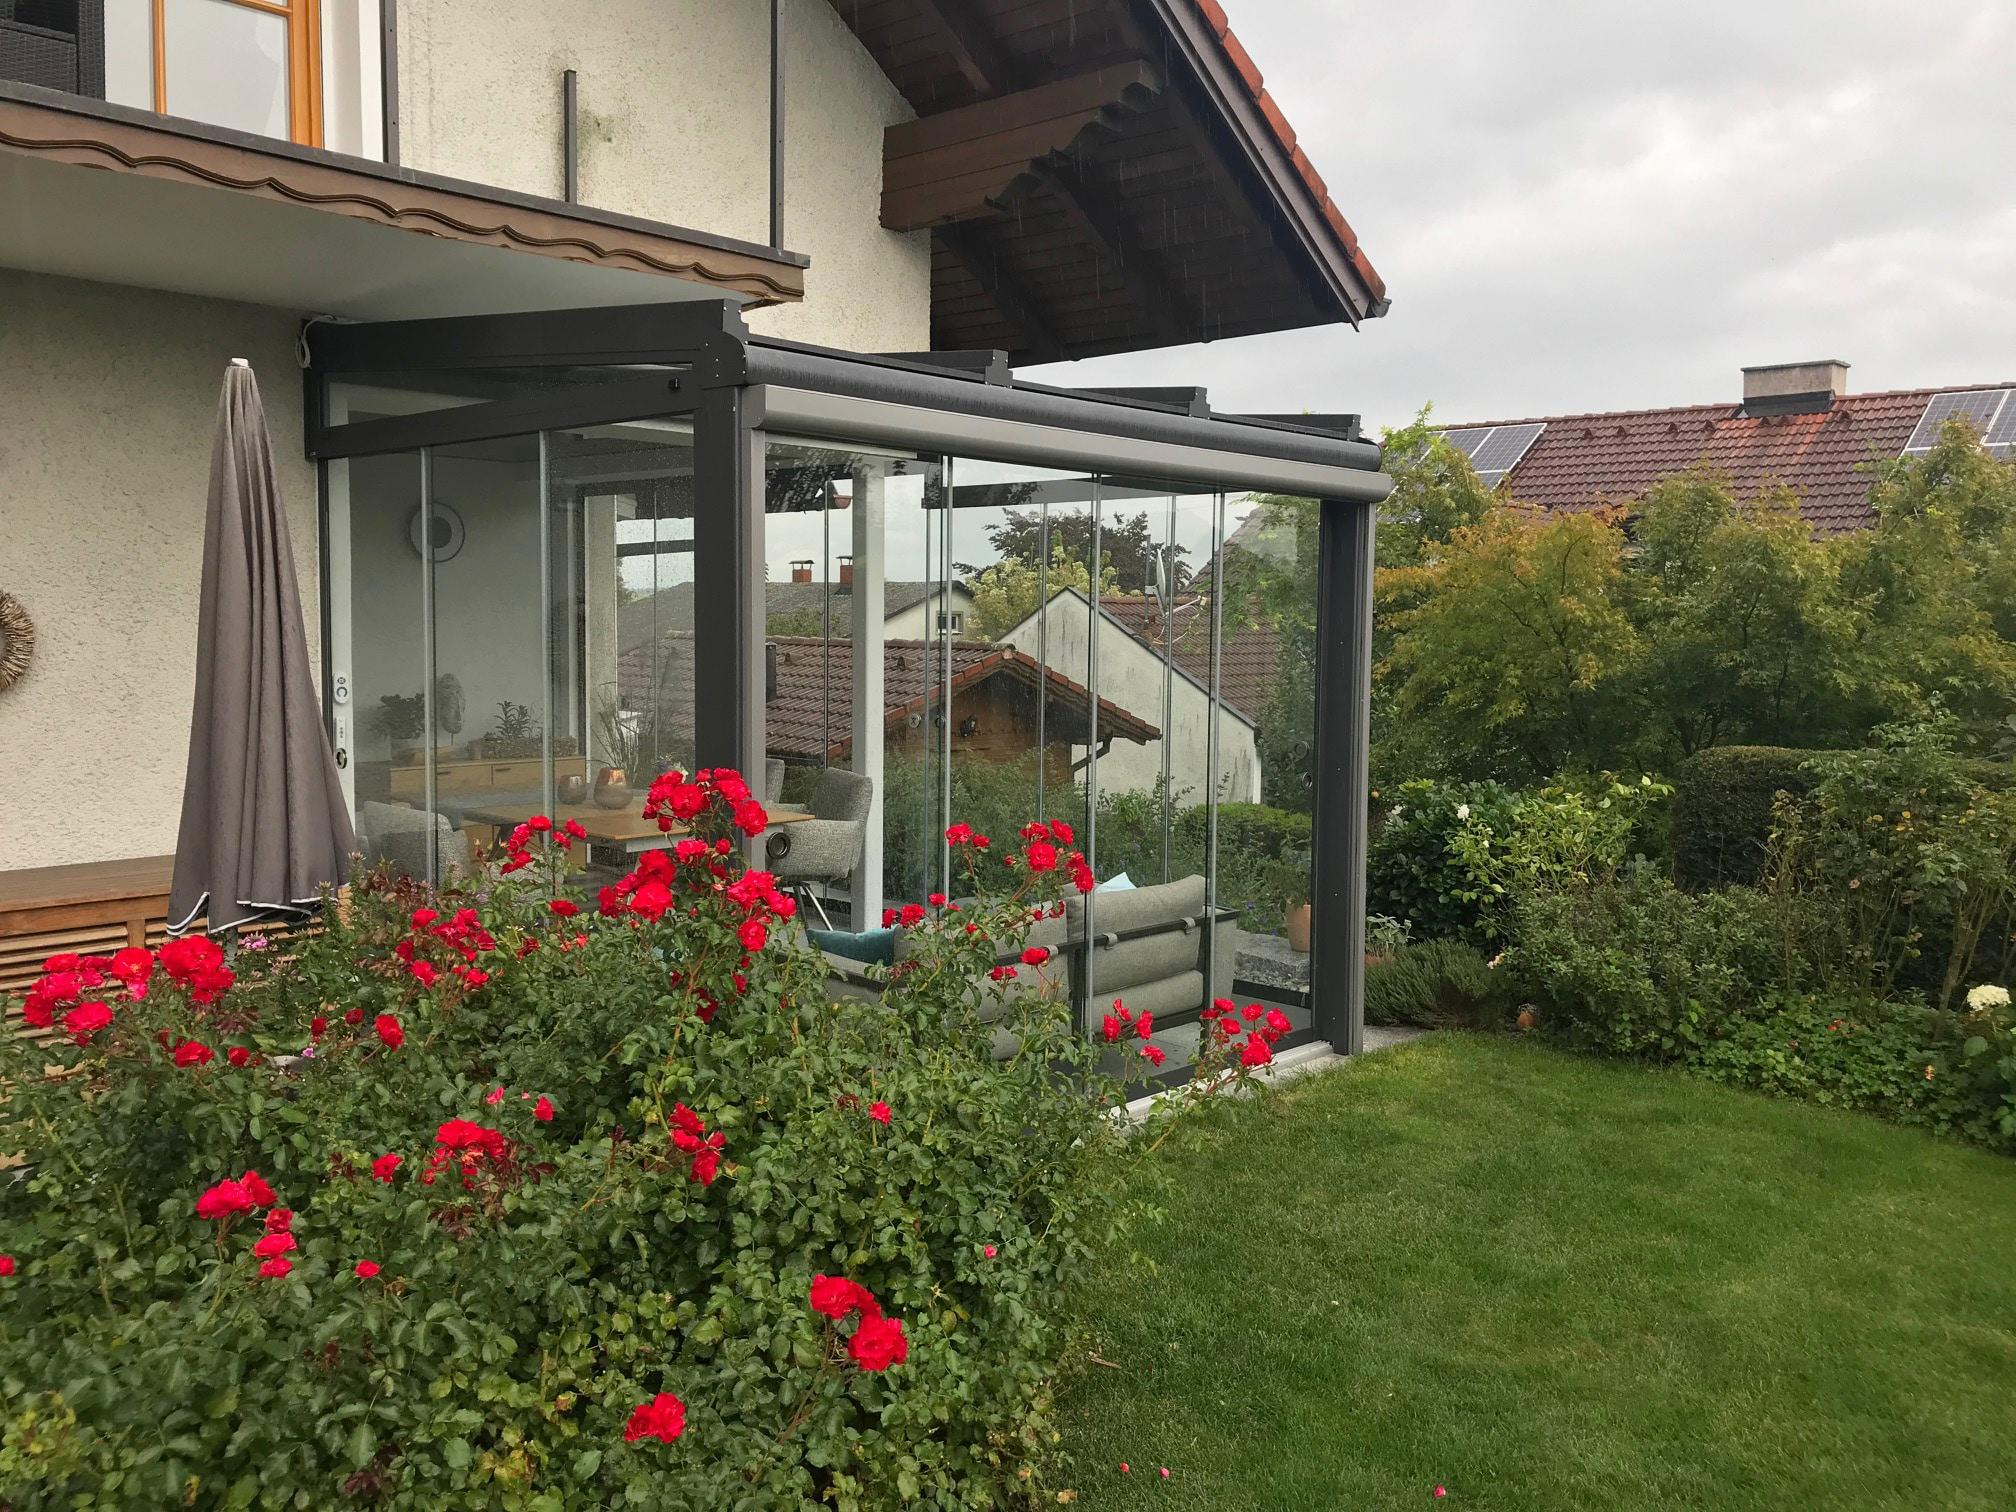 Wintergarten-Sommergarten gemütlich eingerichtet